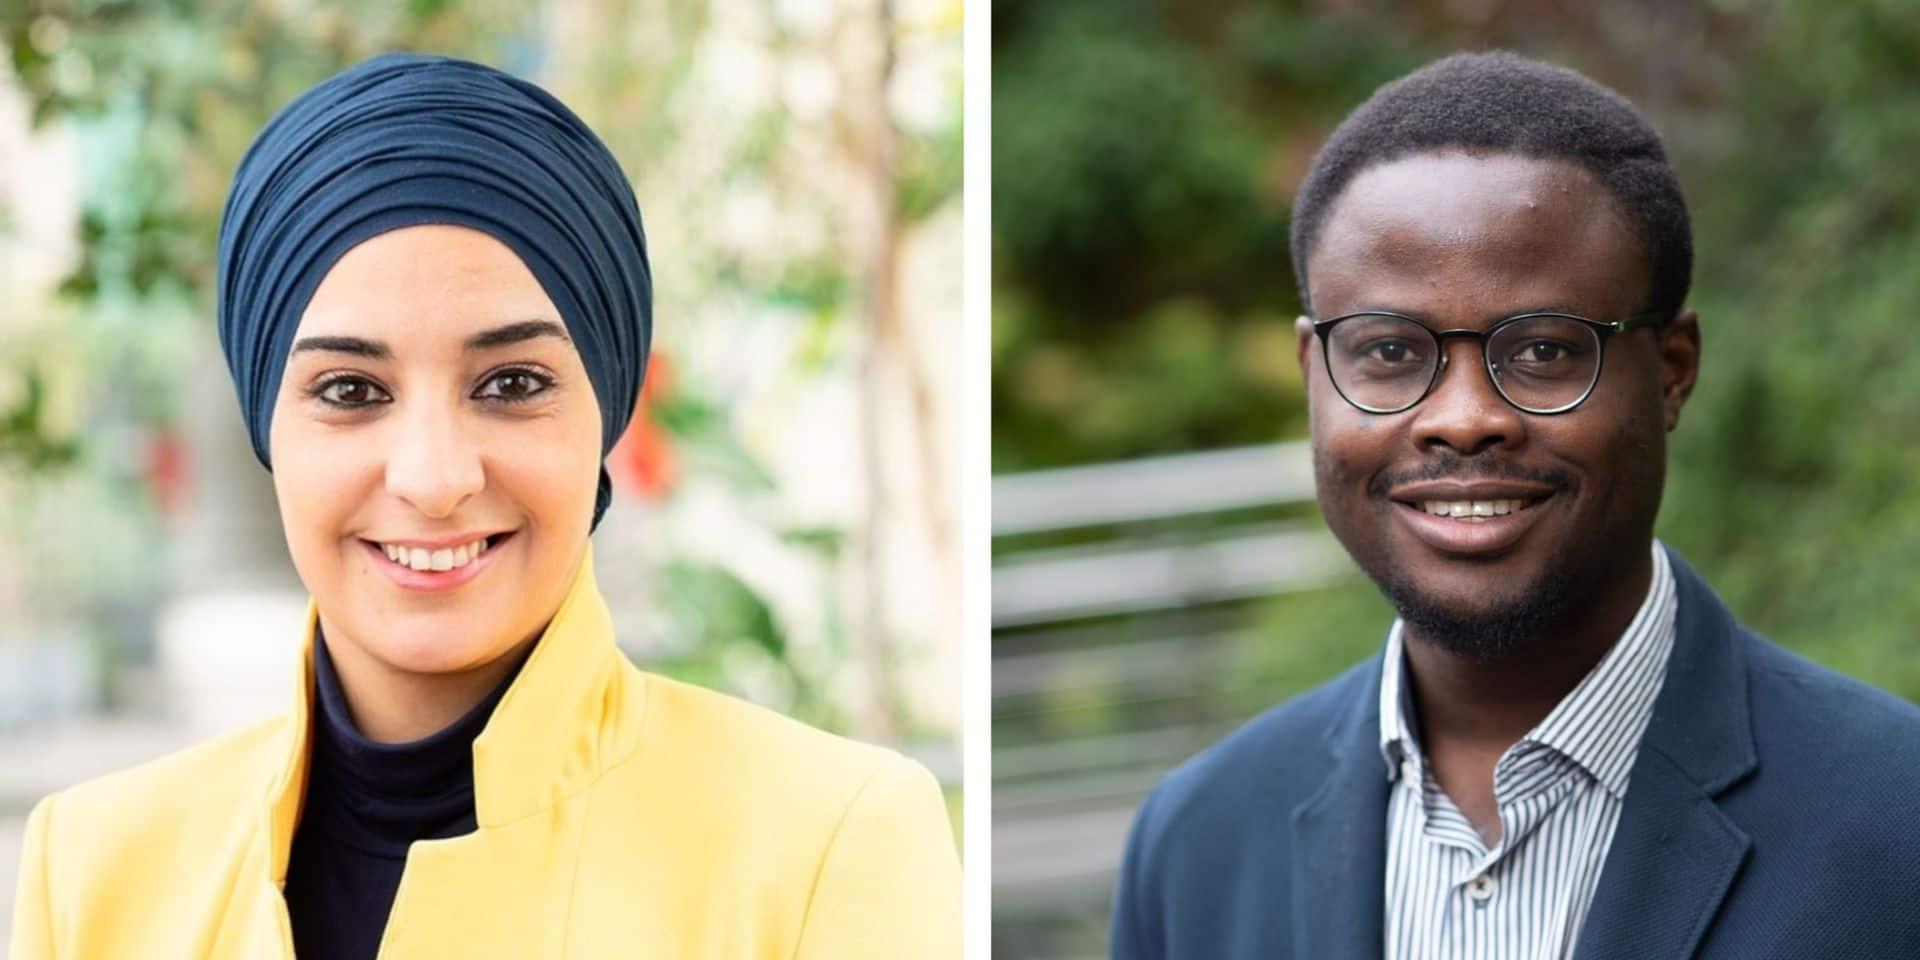 Lutte contre le racisme : Ecolo veut former enseignants et patrons